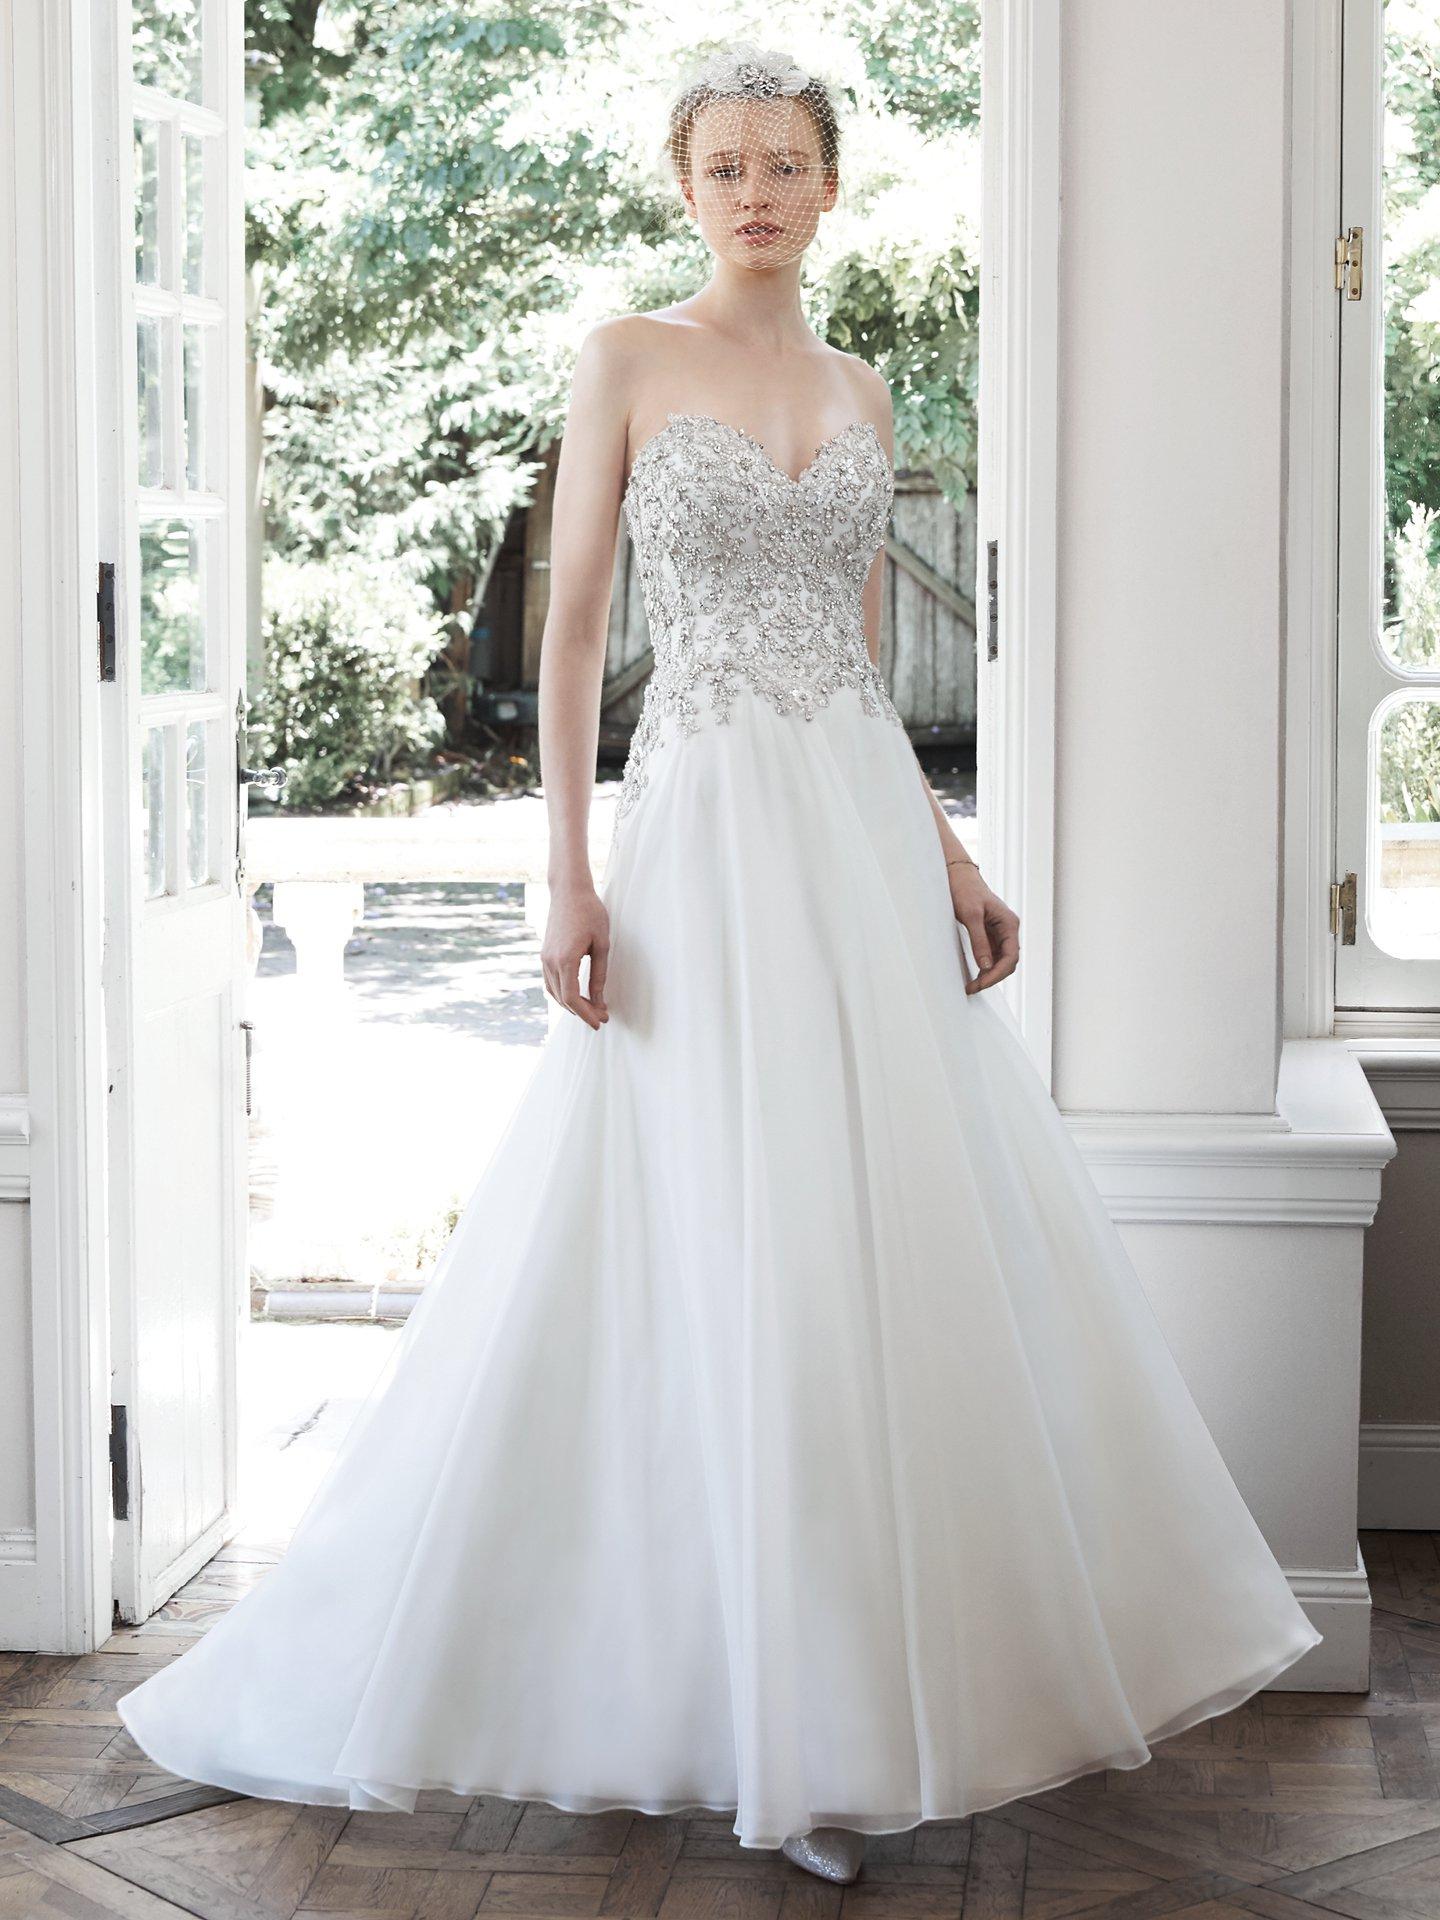 Corpiño de pedrería para completar un traje de novia muy moderno